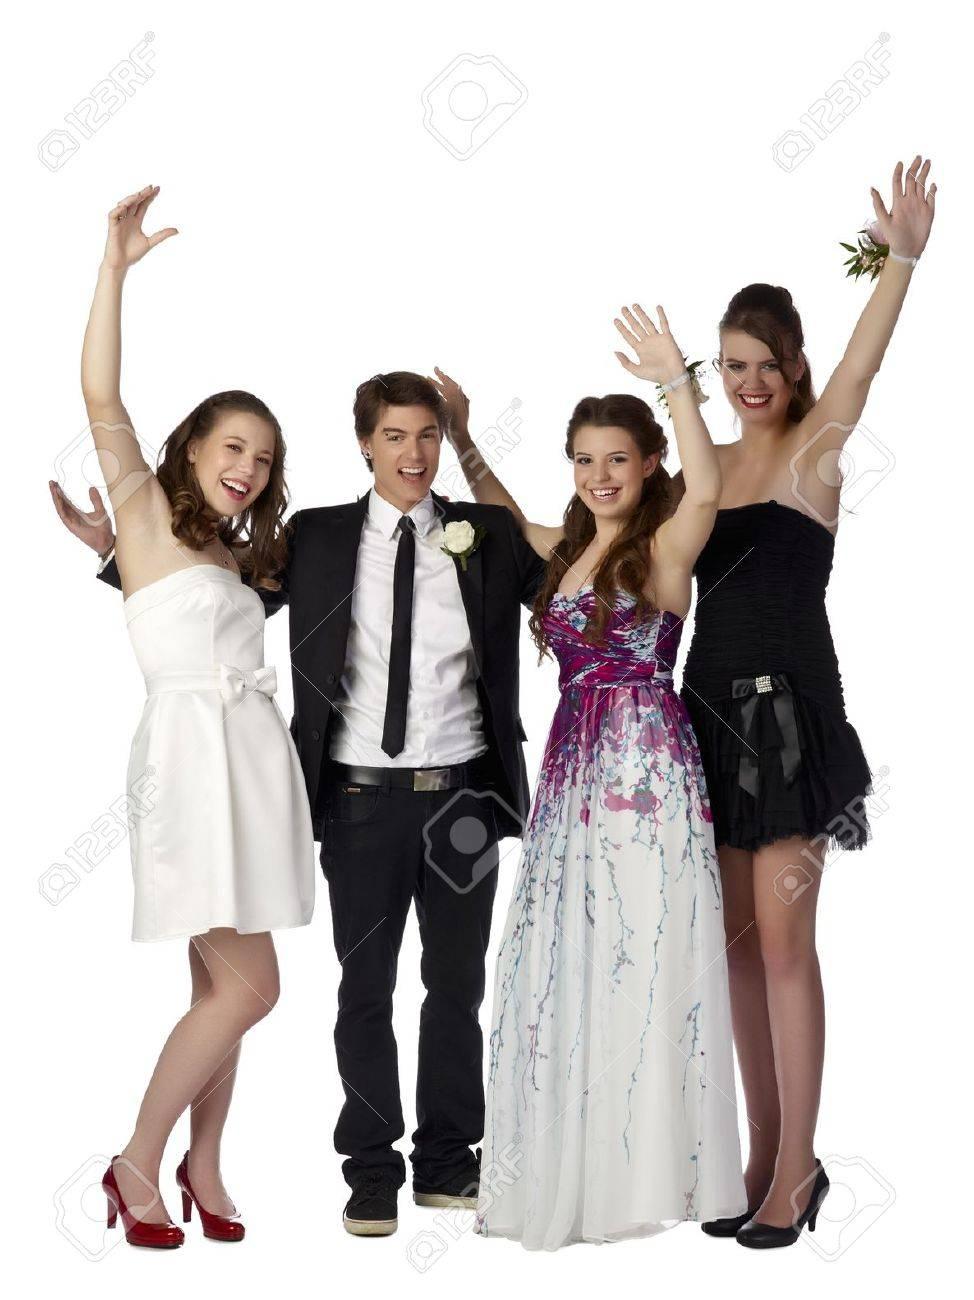 Erfreut Weißer Abschlussball Gekleidet Fotos - Hochzeit Kleid Stile ...